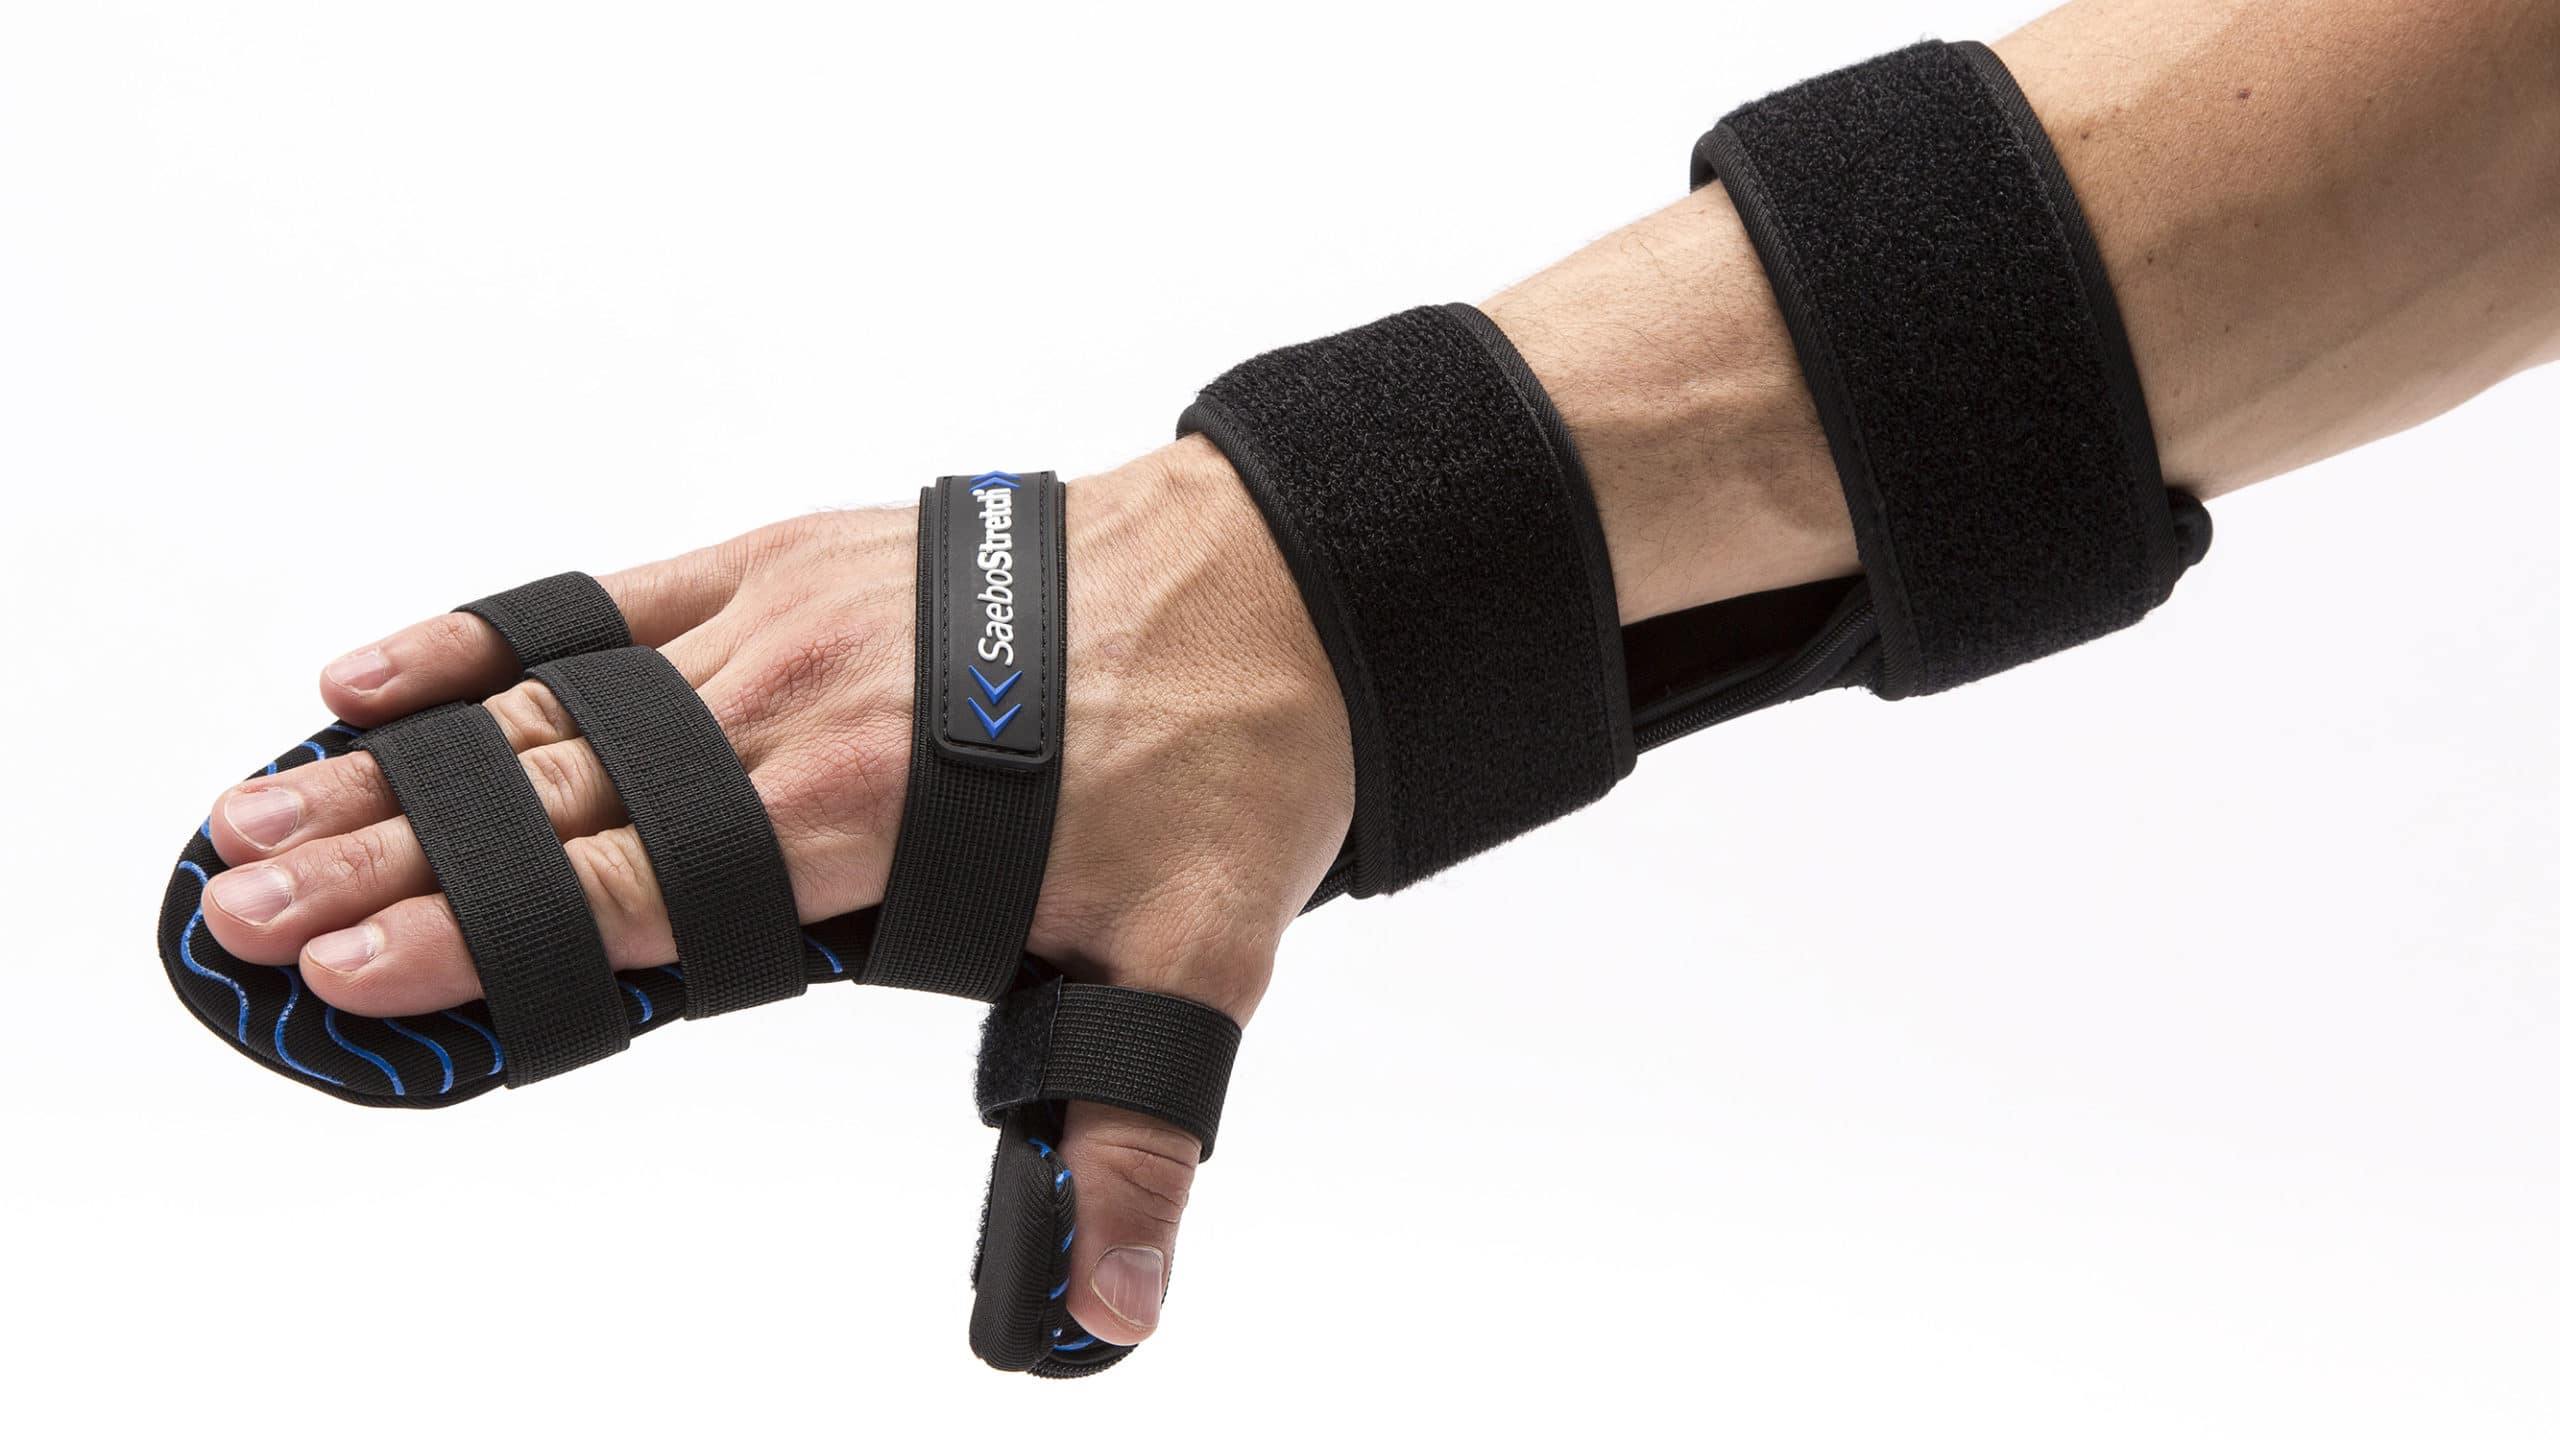 Saebostretch, Dynamic Resting Hand Splint